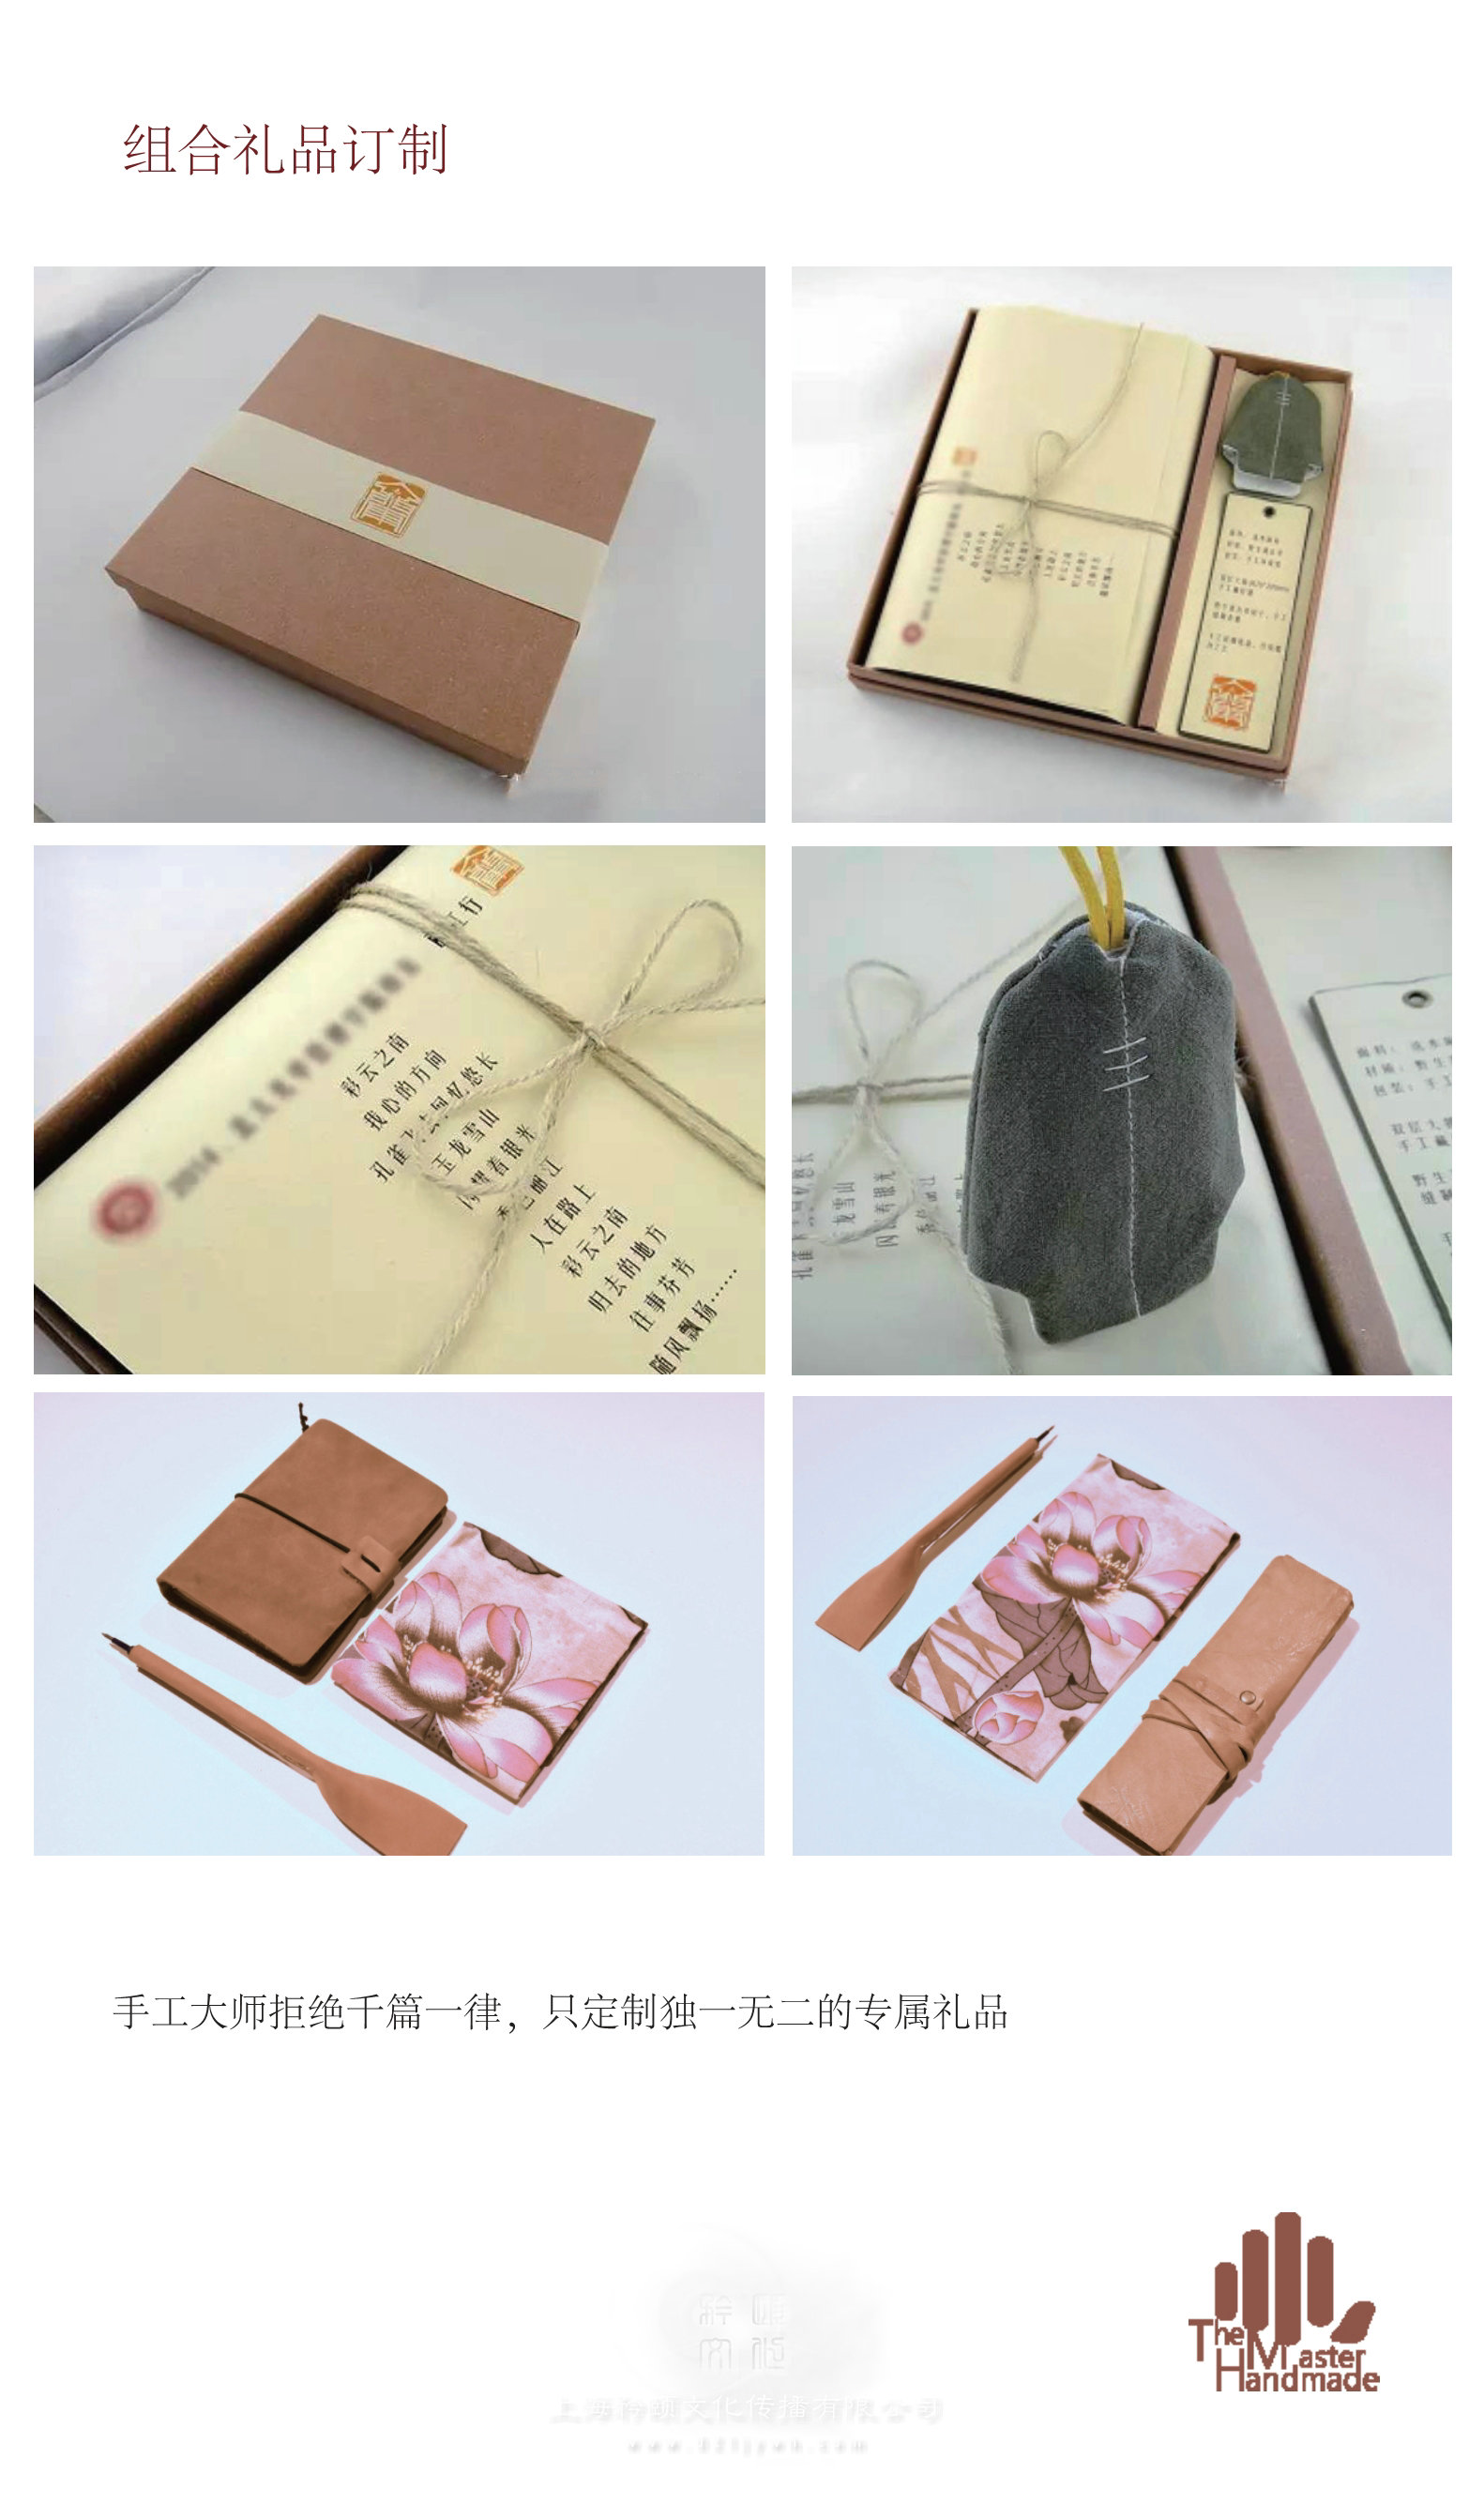 皮具相册DIY手工体验制作活动